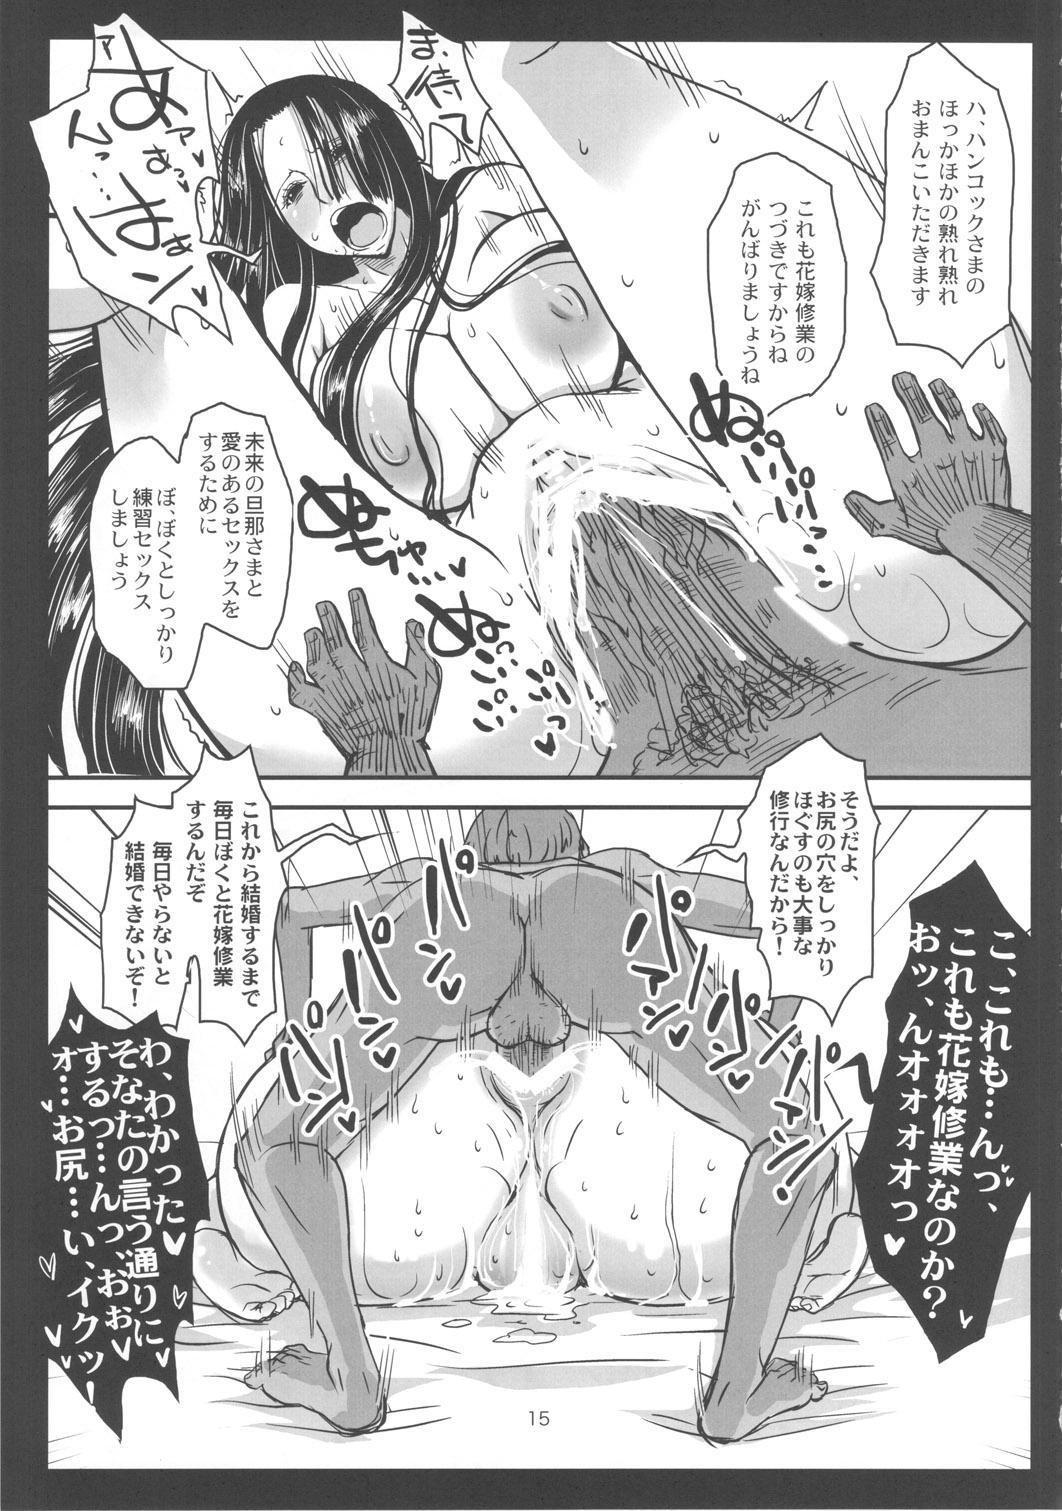 Metabolism-H Moto Dorei Kaizoku Jotei Hancock no Hanayome Shiyugyou 13